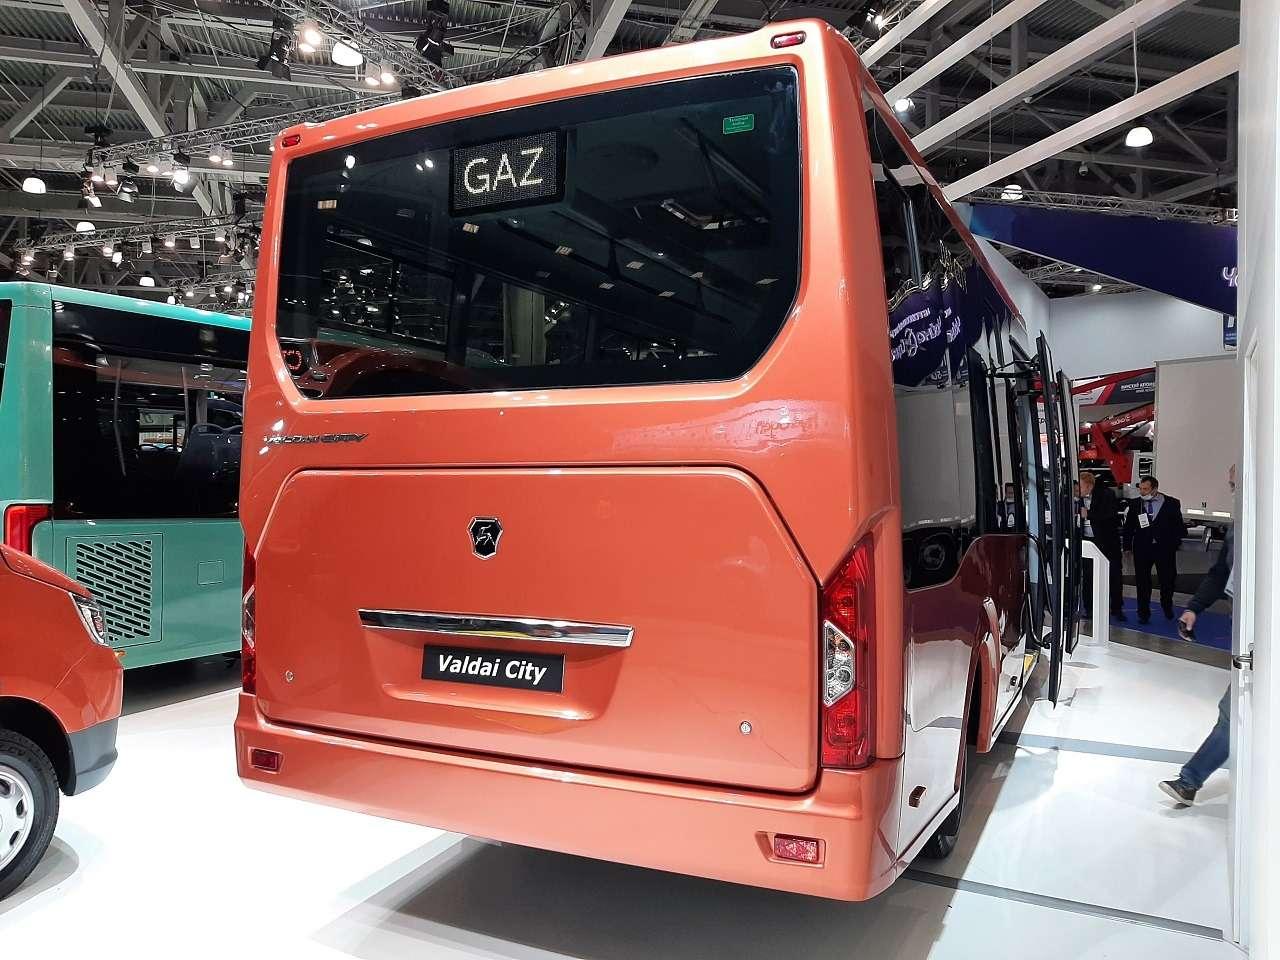 КакГАЗель, нобольше! ГАЗ показал автобус Валдай City— фото 1276212